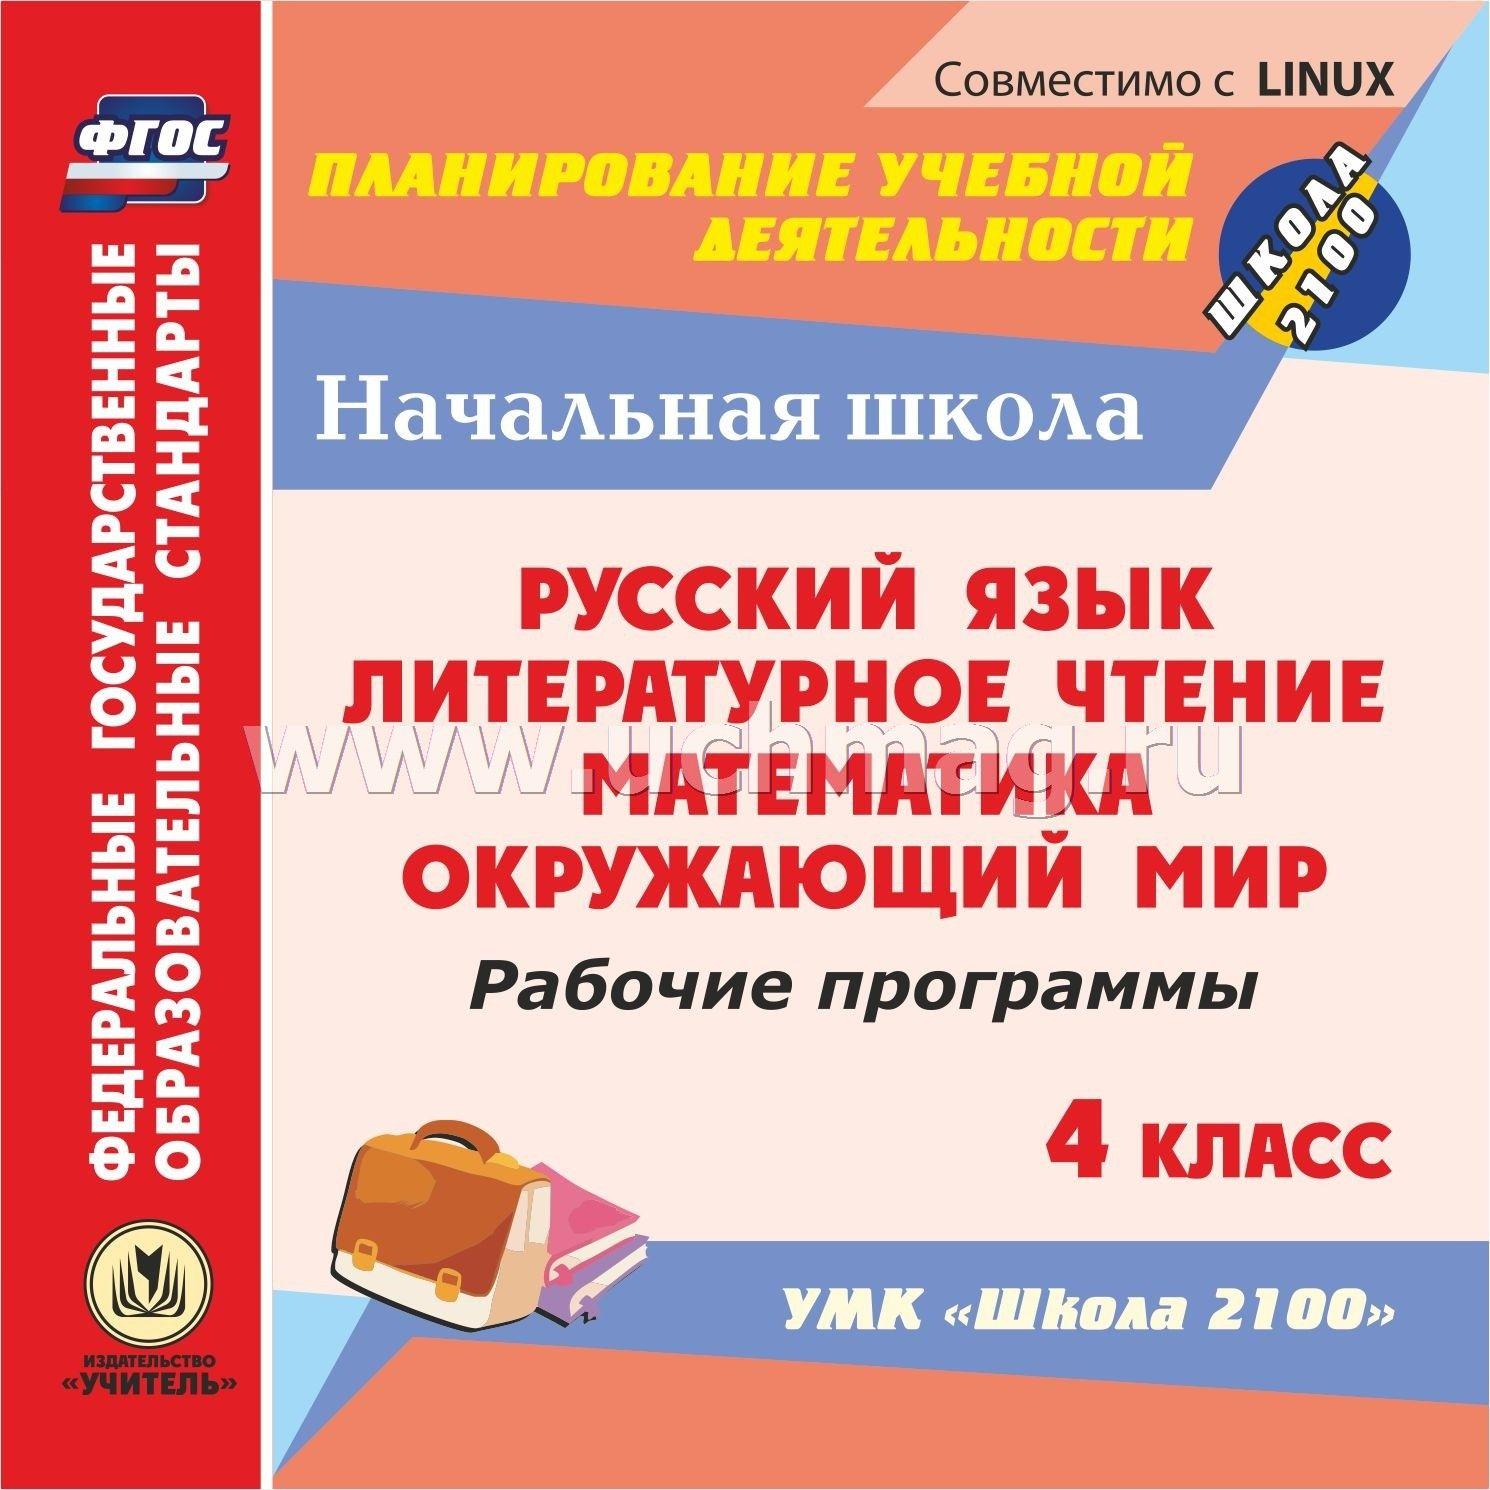 Русский язык 2100 4 класс скачать бесплатно без регистрации для электронной книги